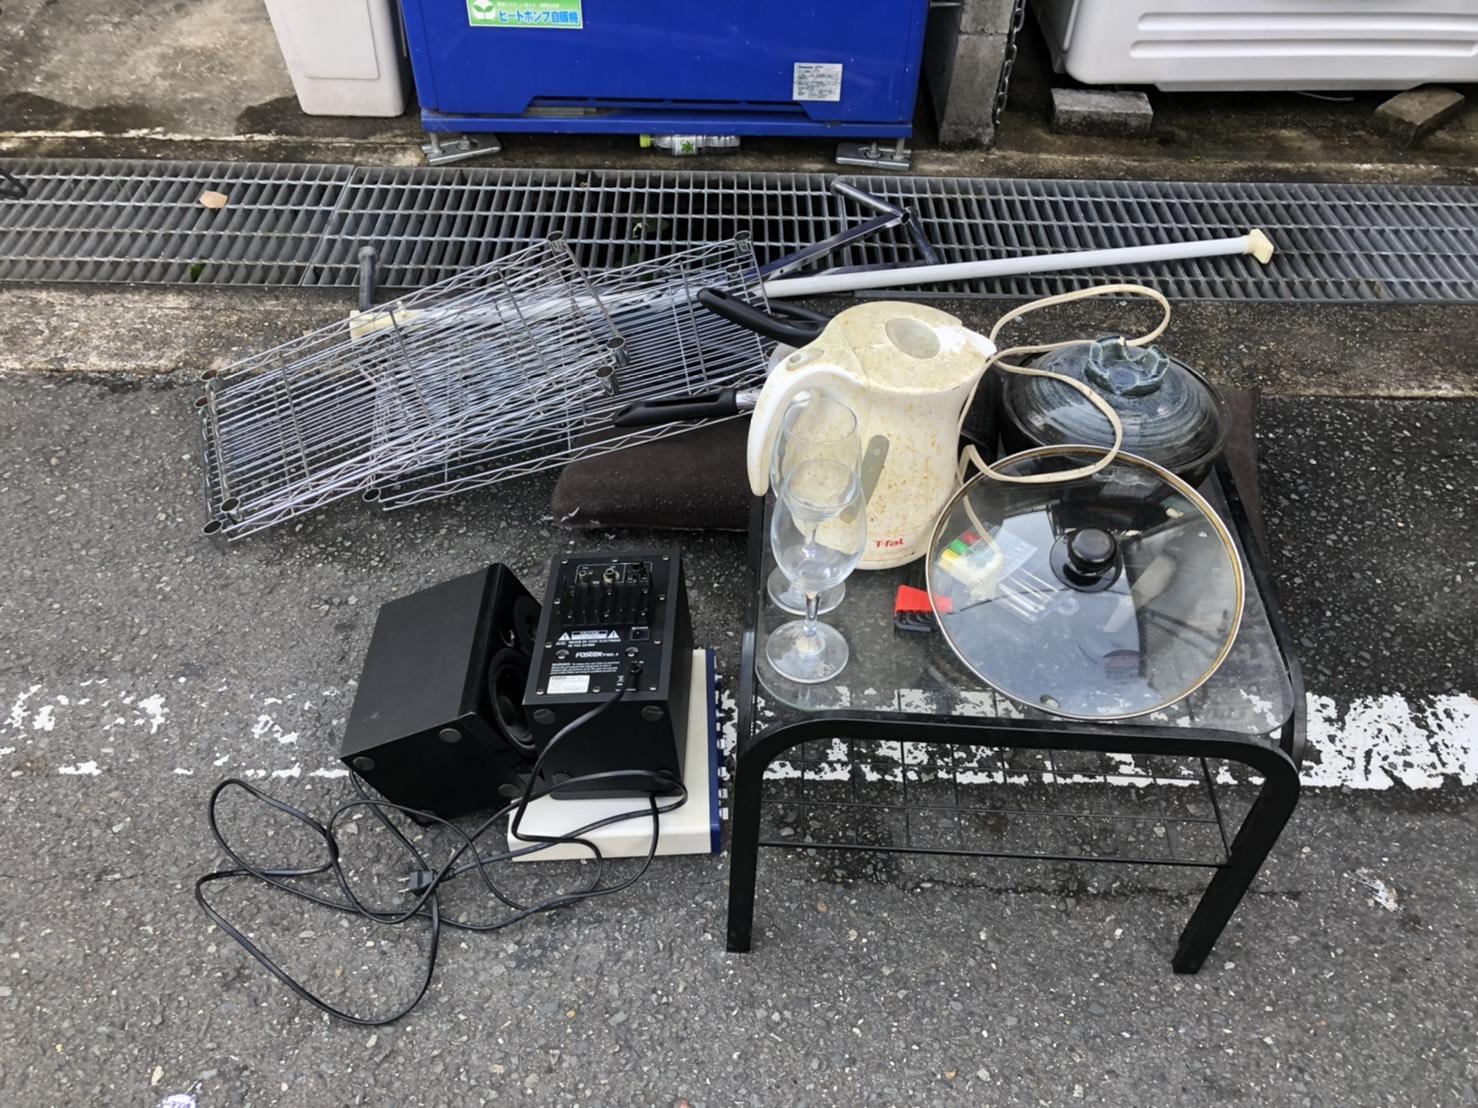 テーブル、スチールワゴン、電気ポットの回収前